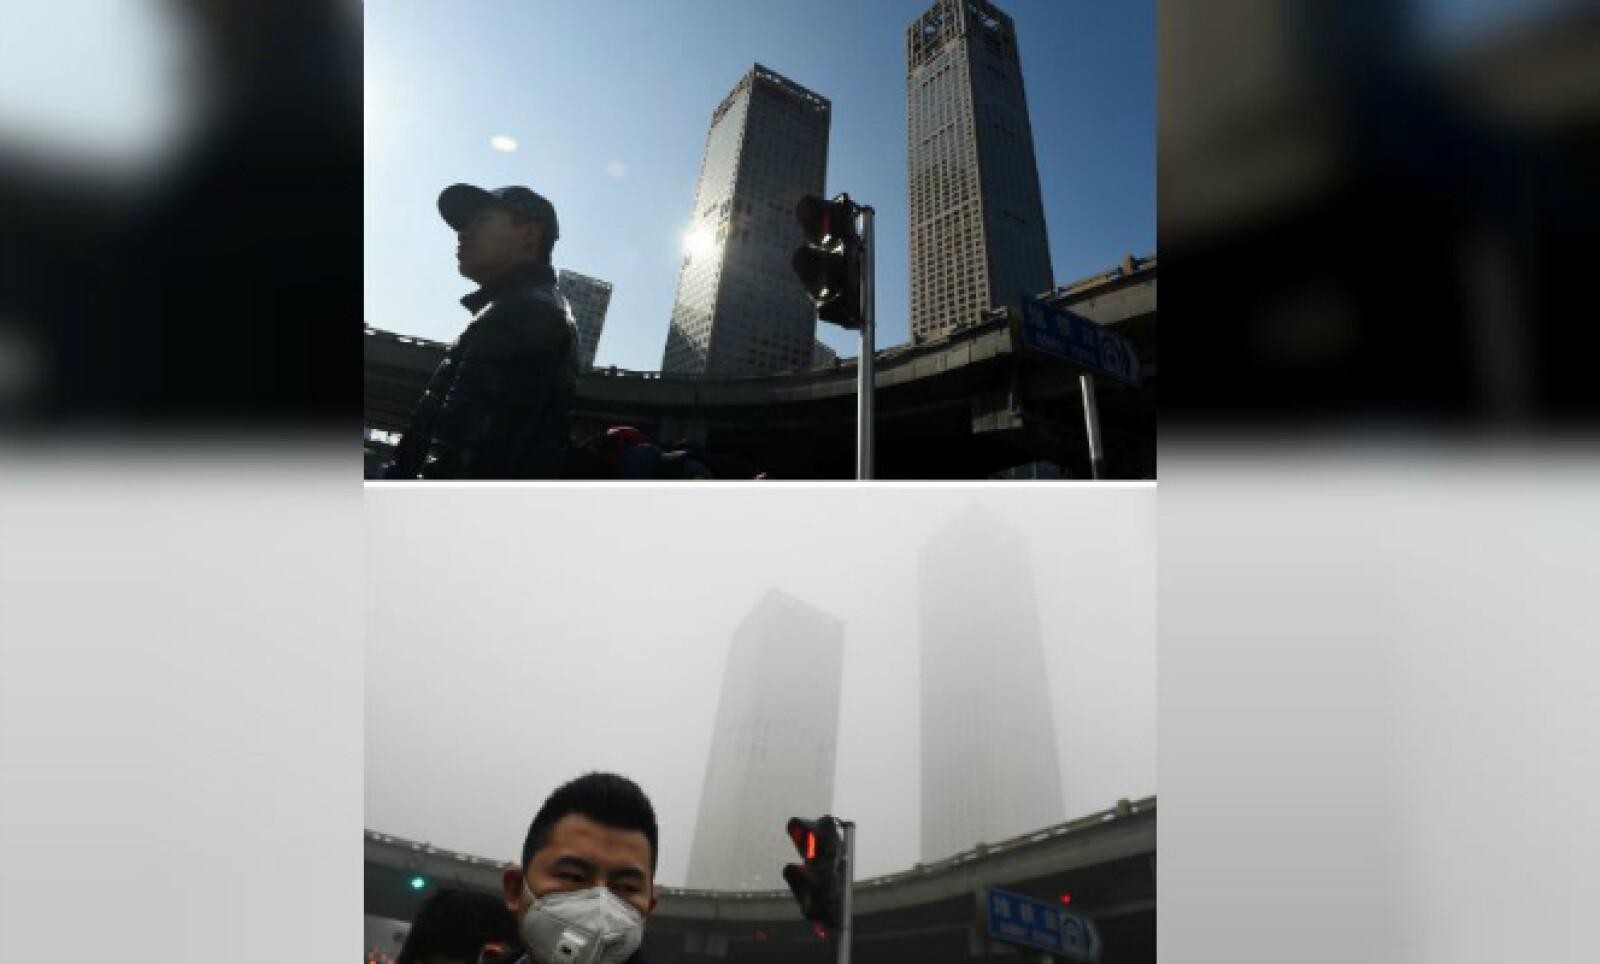 Así se ven los edificios en el centro financiero de Beijing.